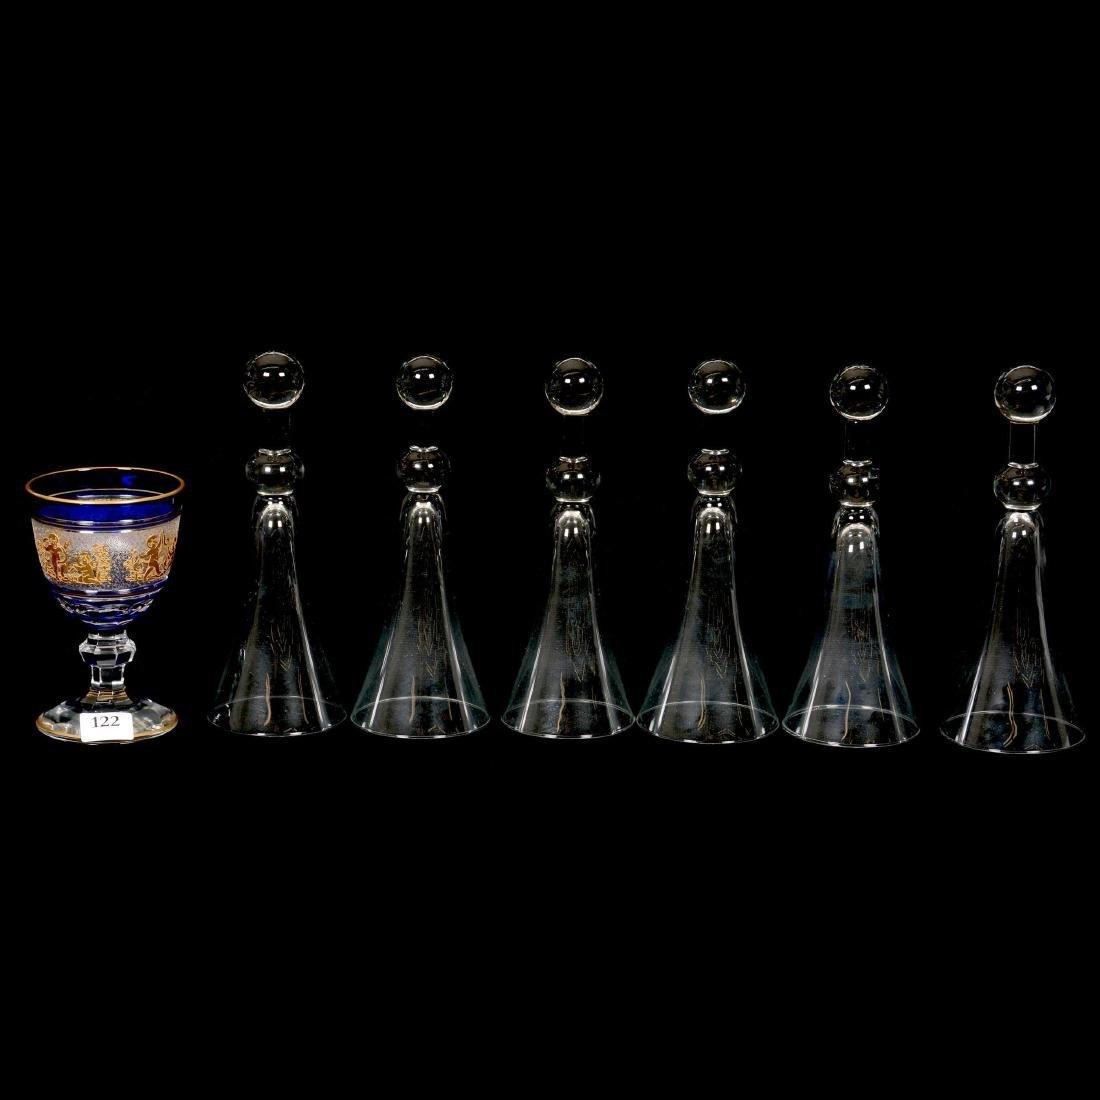 (7) Art Glass Items